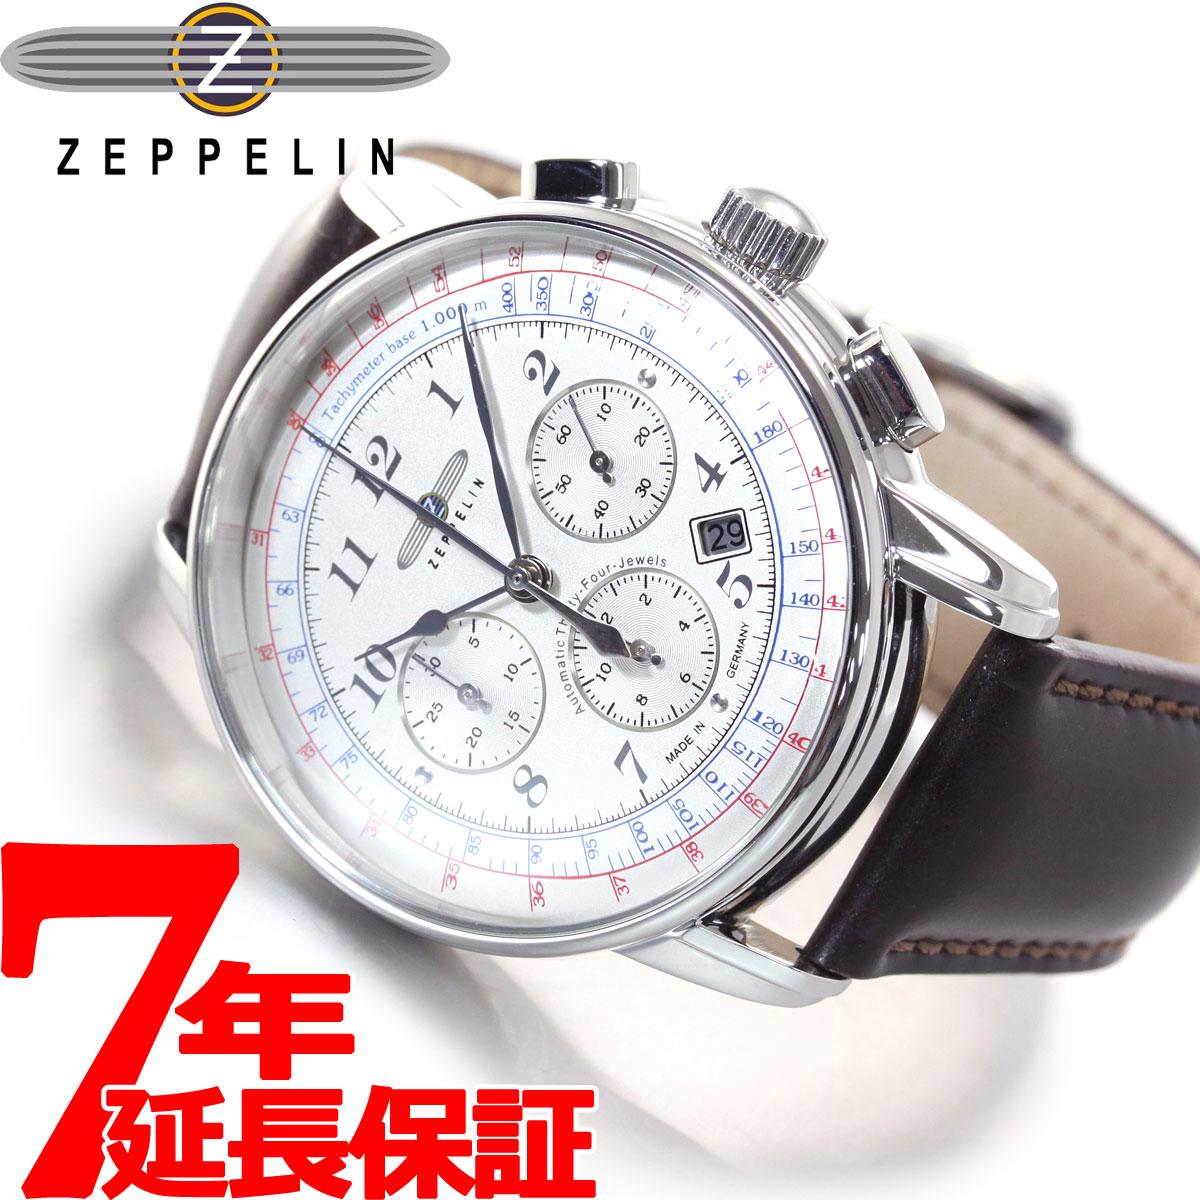 【5日0時~♪1万円OFFクーポン&店内ポイント最大51倍!5日23時59分まで】ツェッペリン ZEPPELIN 腕時計 メンズ 自動巻き LZ126 ロサンゼルス Los Angeles クロノグラフ 7624-4